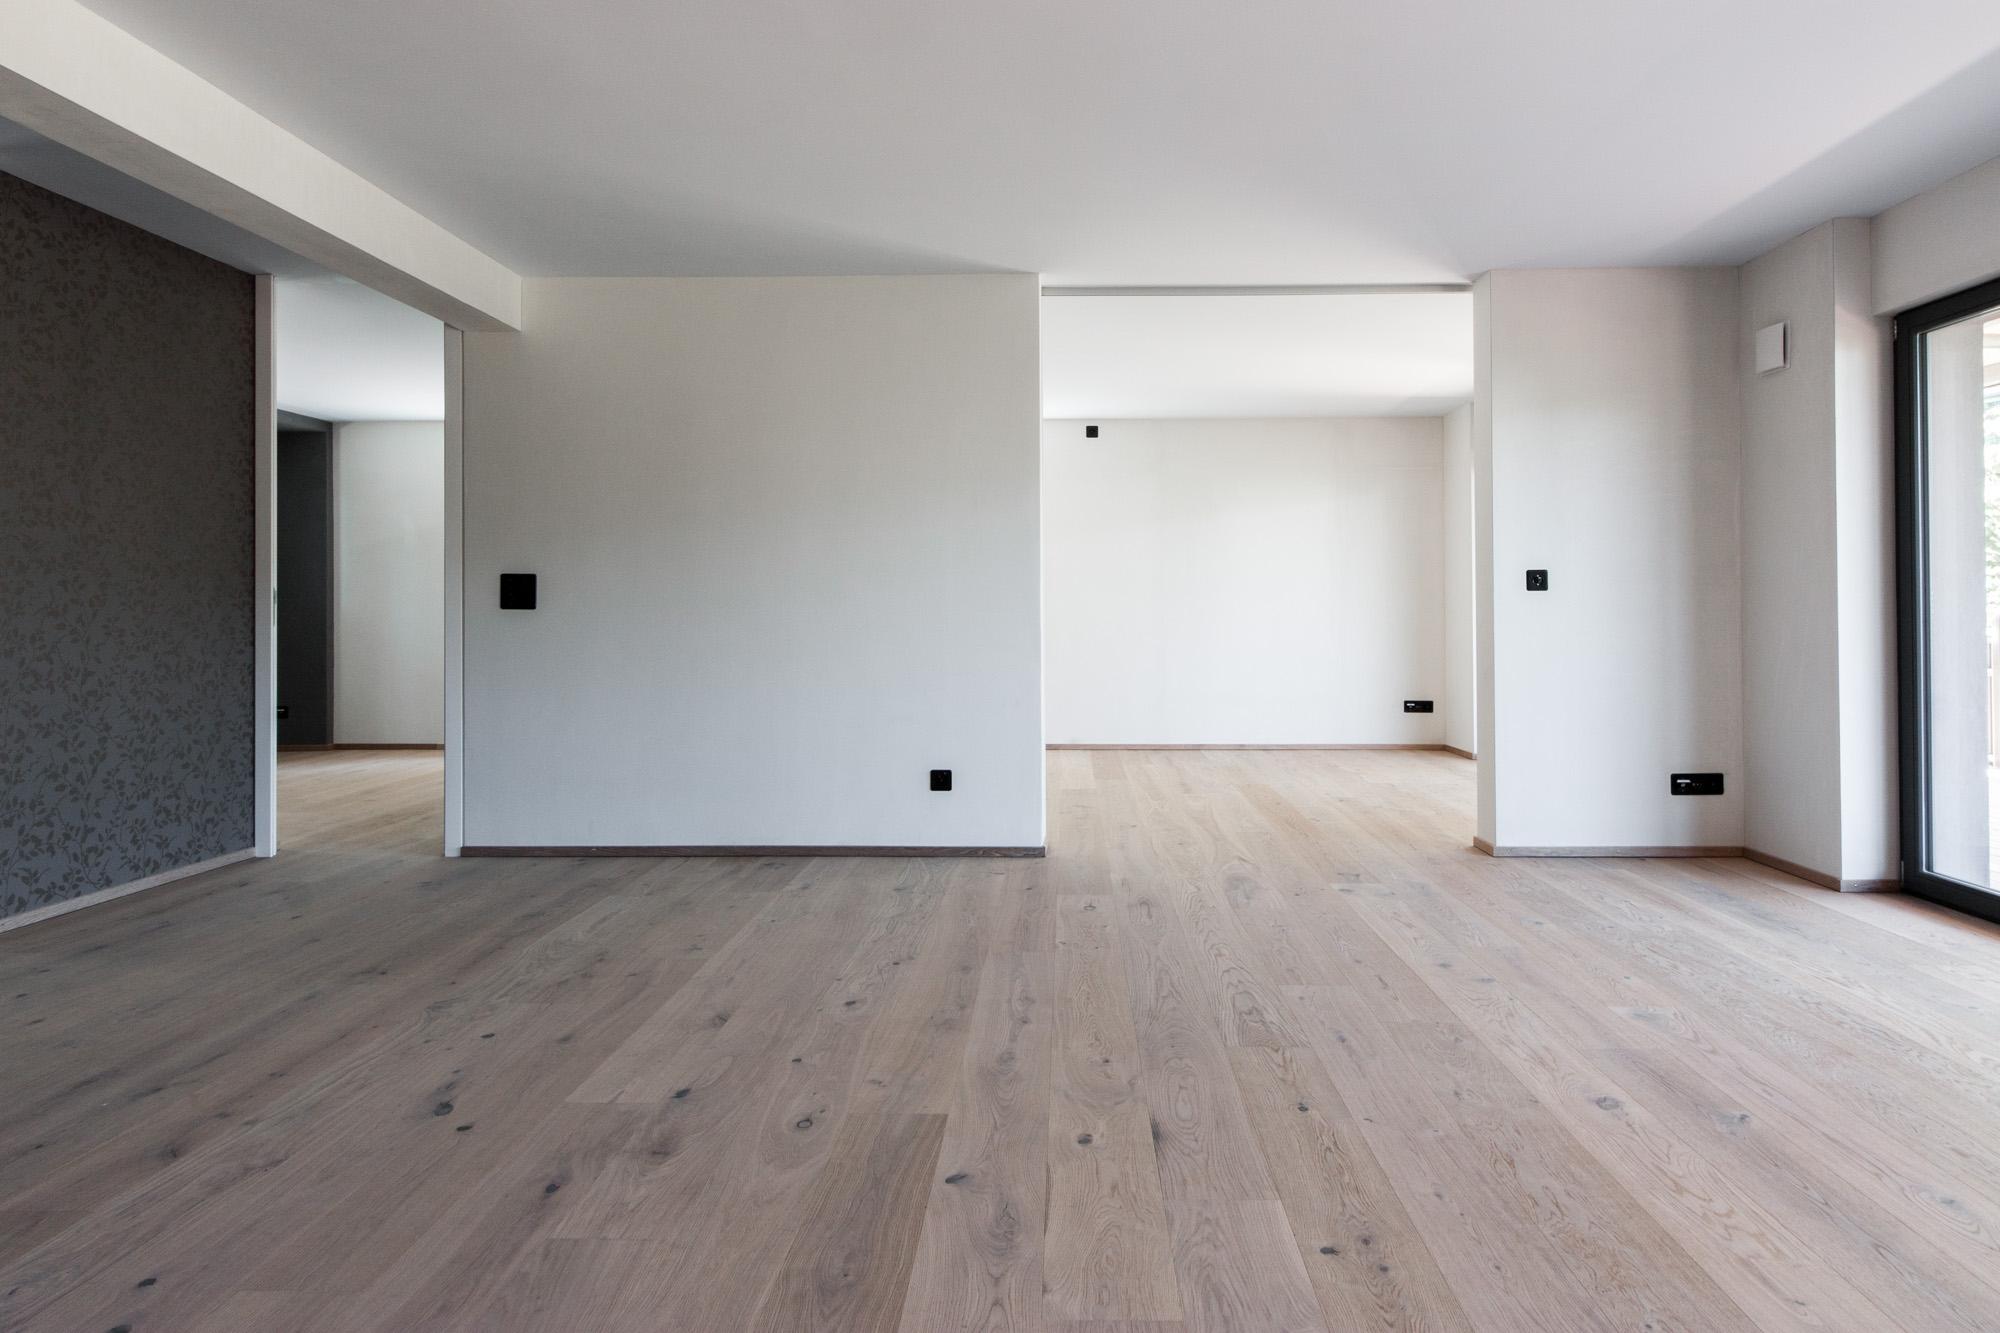 Für das erste Plus-Energie Haus in Bern konnte die MerzGips AG sowohl den Fassadenbau übernehmen, wie auch Gipserarbeiten durchführen. Entstanden ist ein Mehrfamilienhaus im Herzen von Bern.